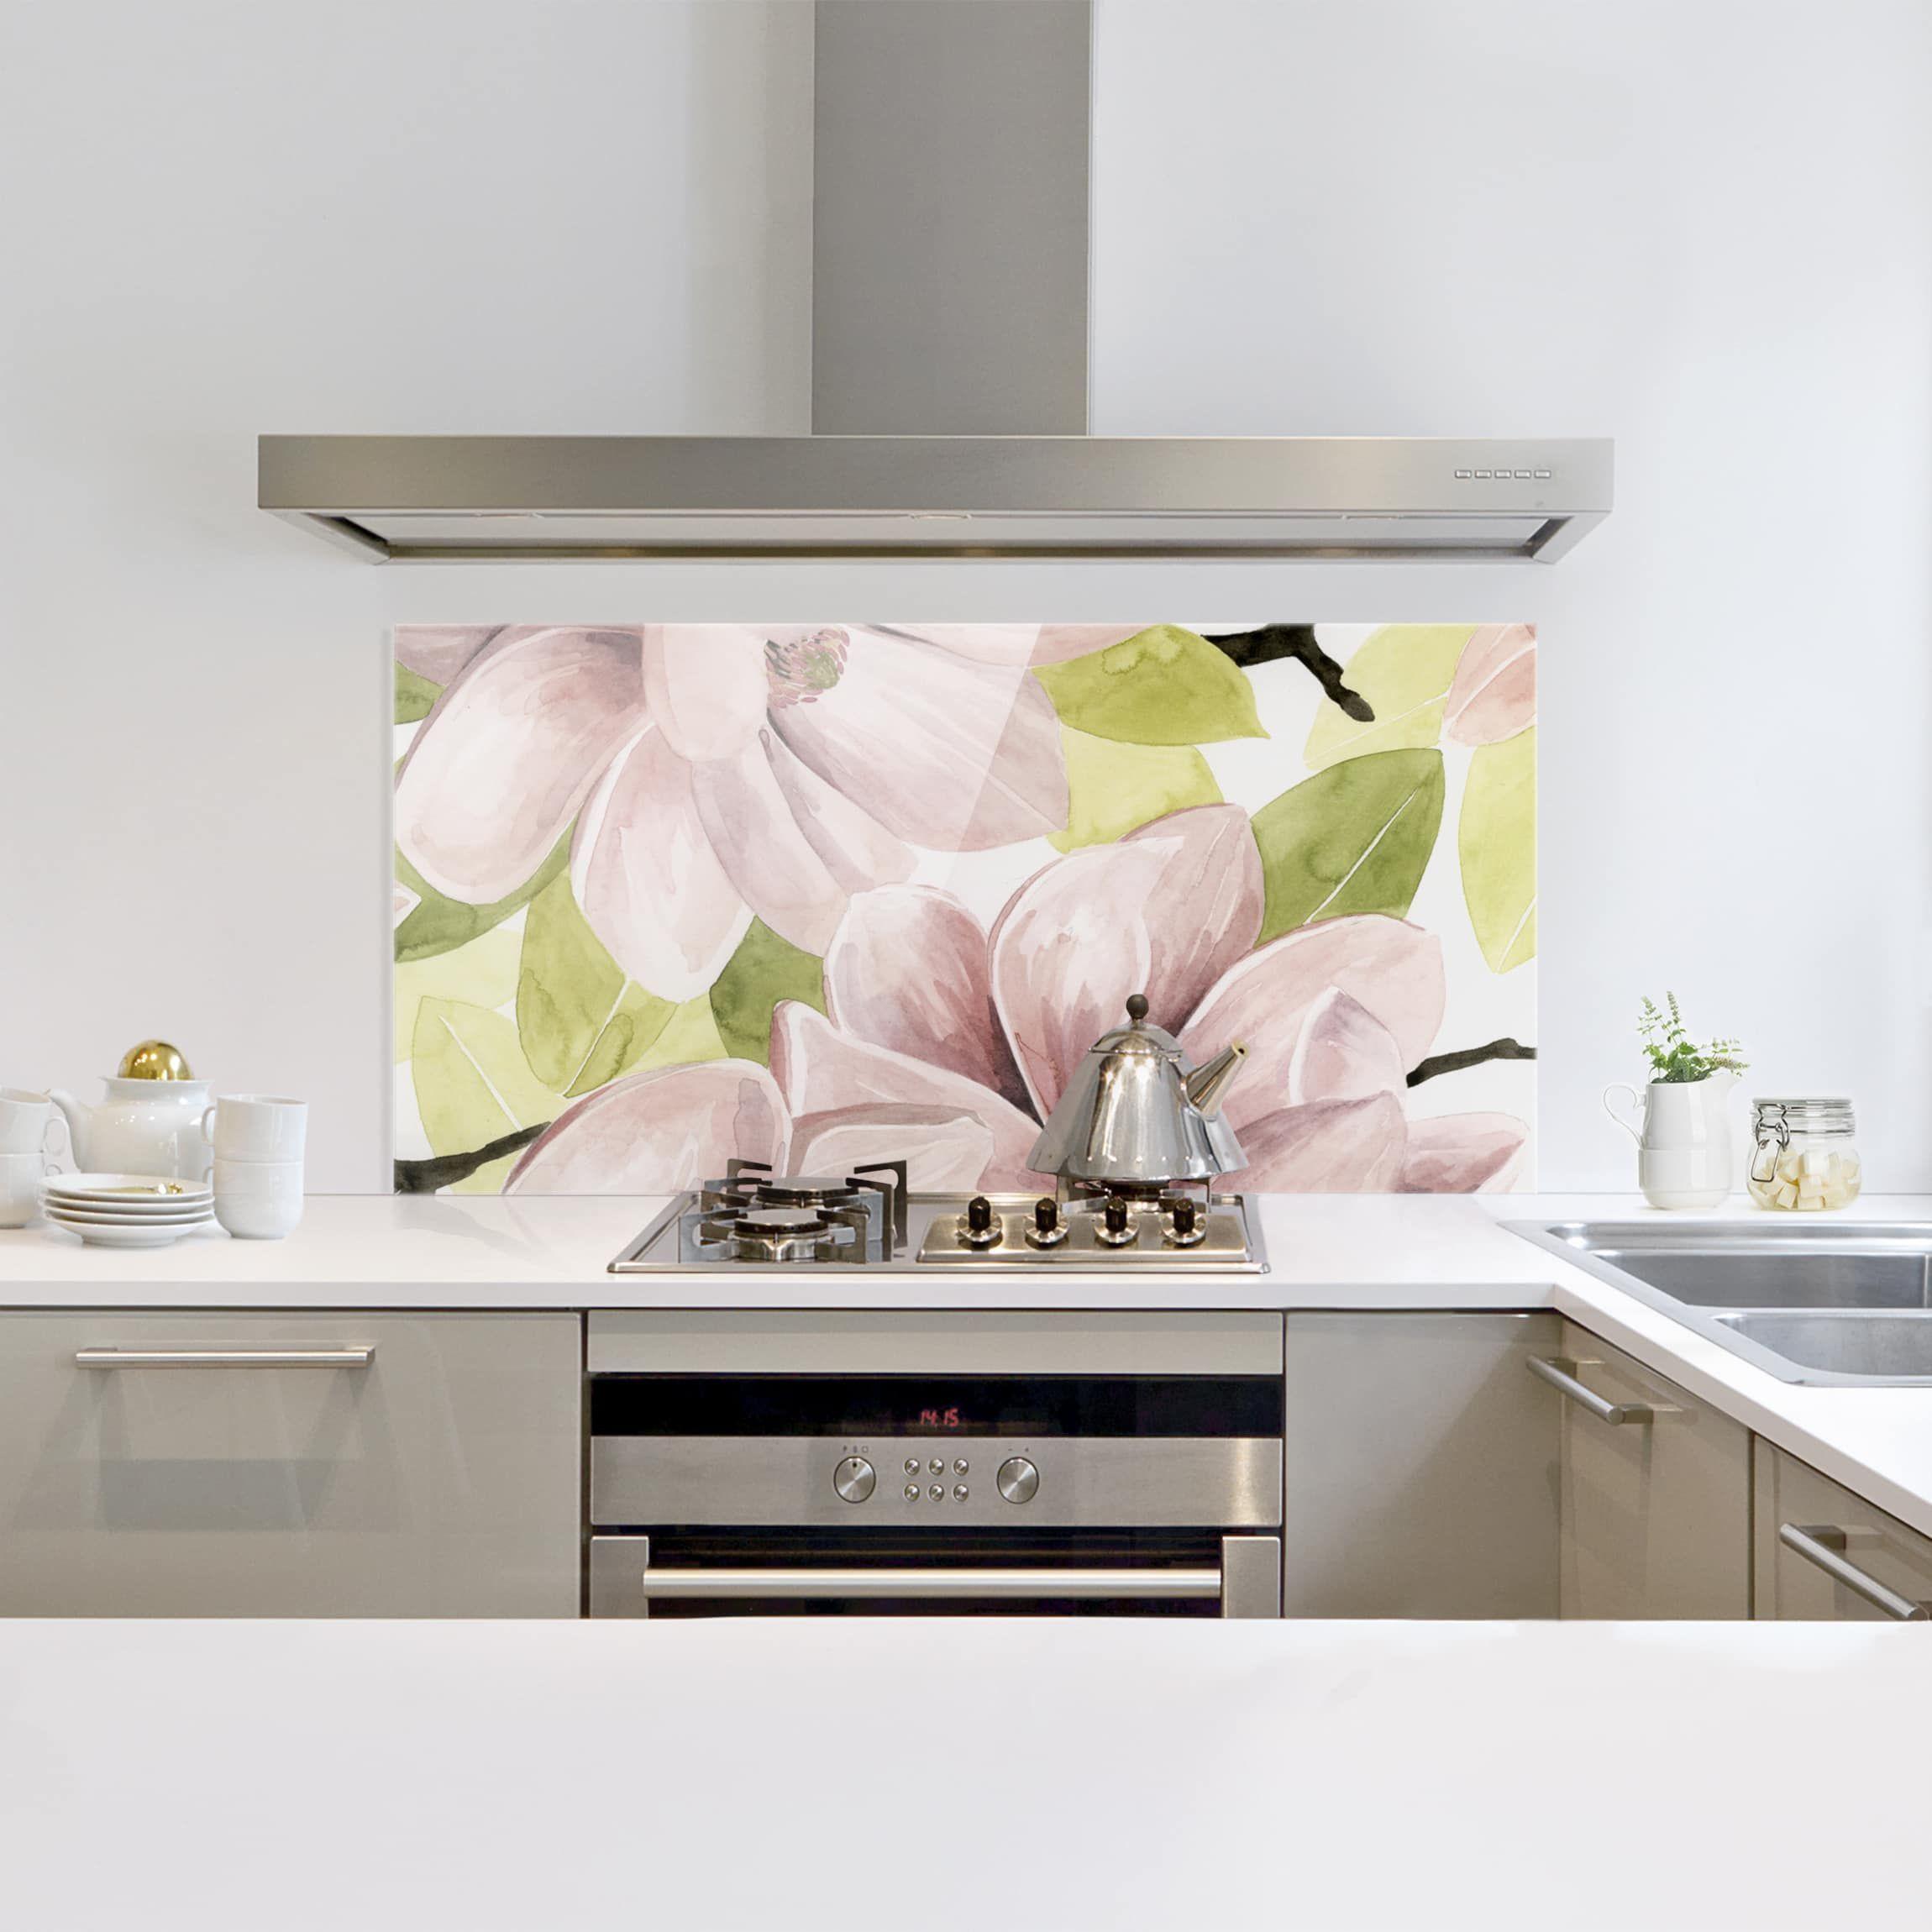 Spritzschutz Glas - Magnolie errötet II - Querformat 2:3 | Modernes  schlafzimmer, Spritzschutz, Küchenwand